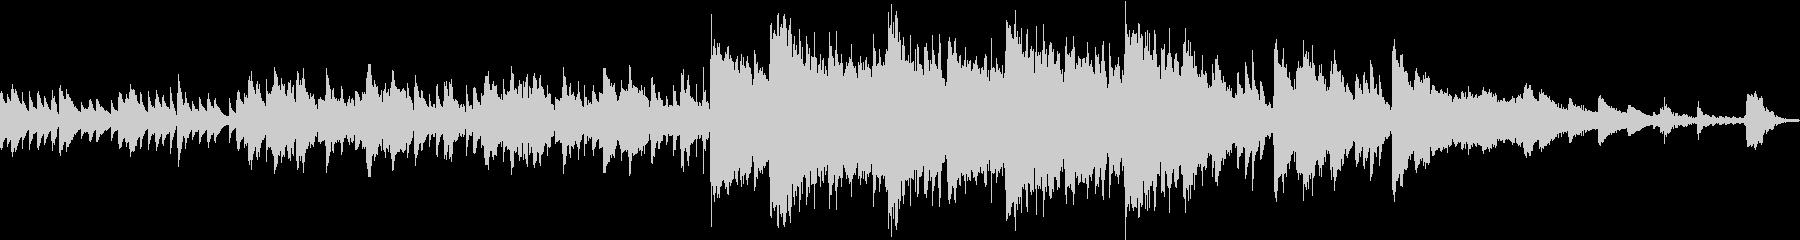 コミカルなキャラクターや場面に合うBGMの未再生の波形